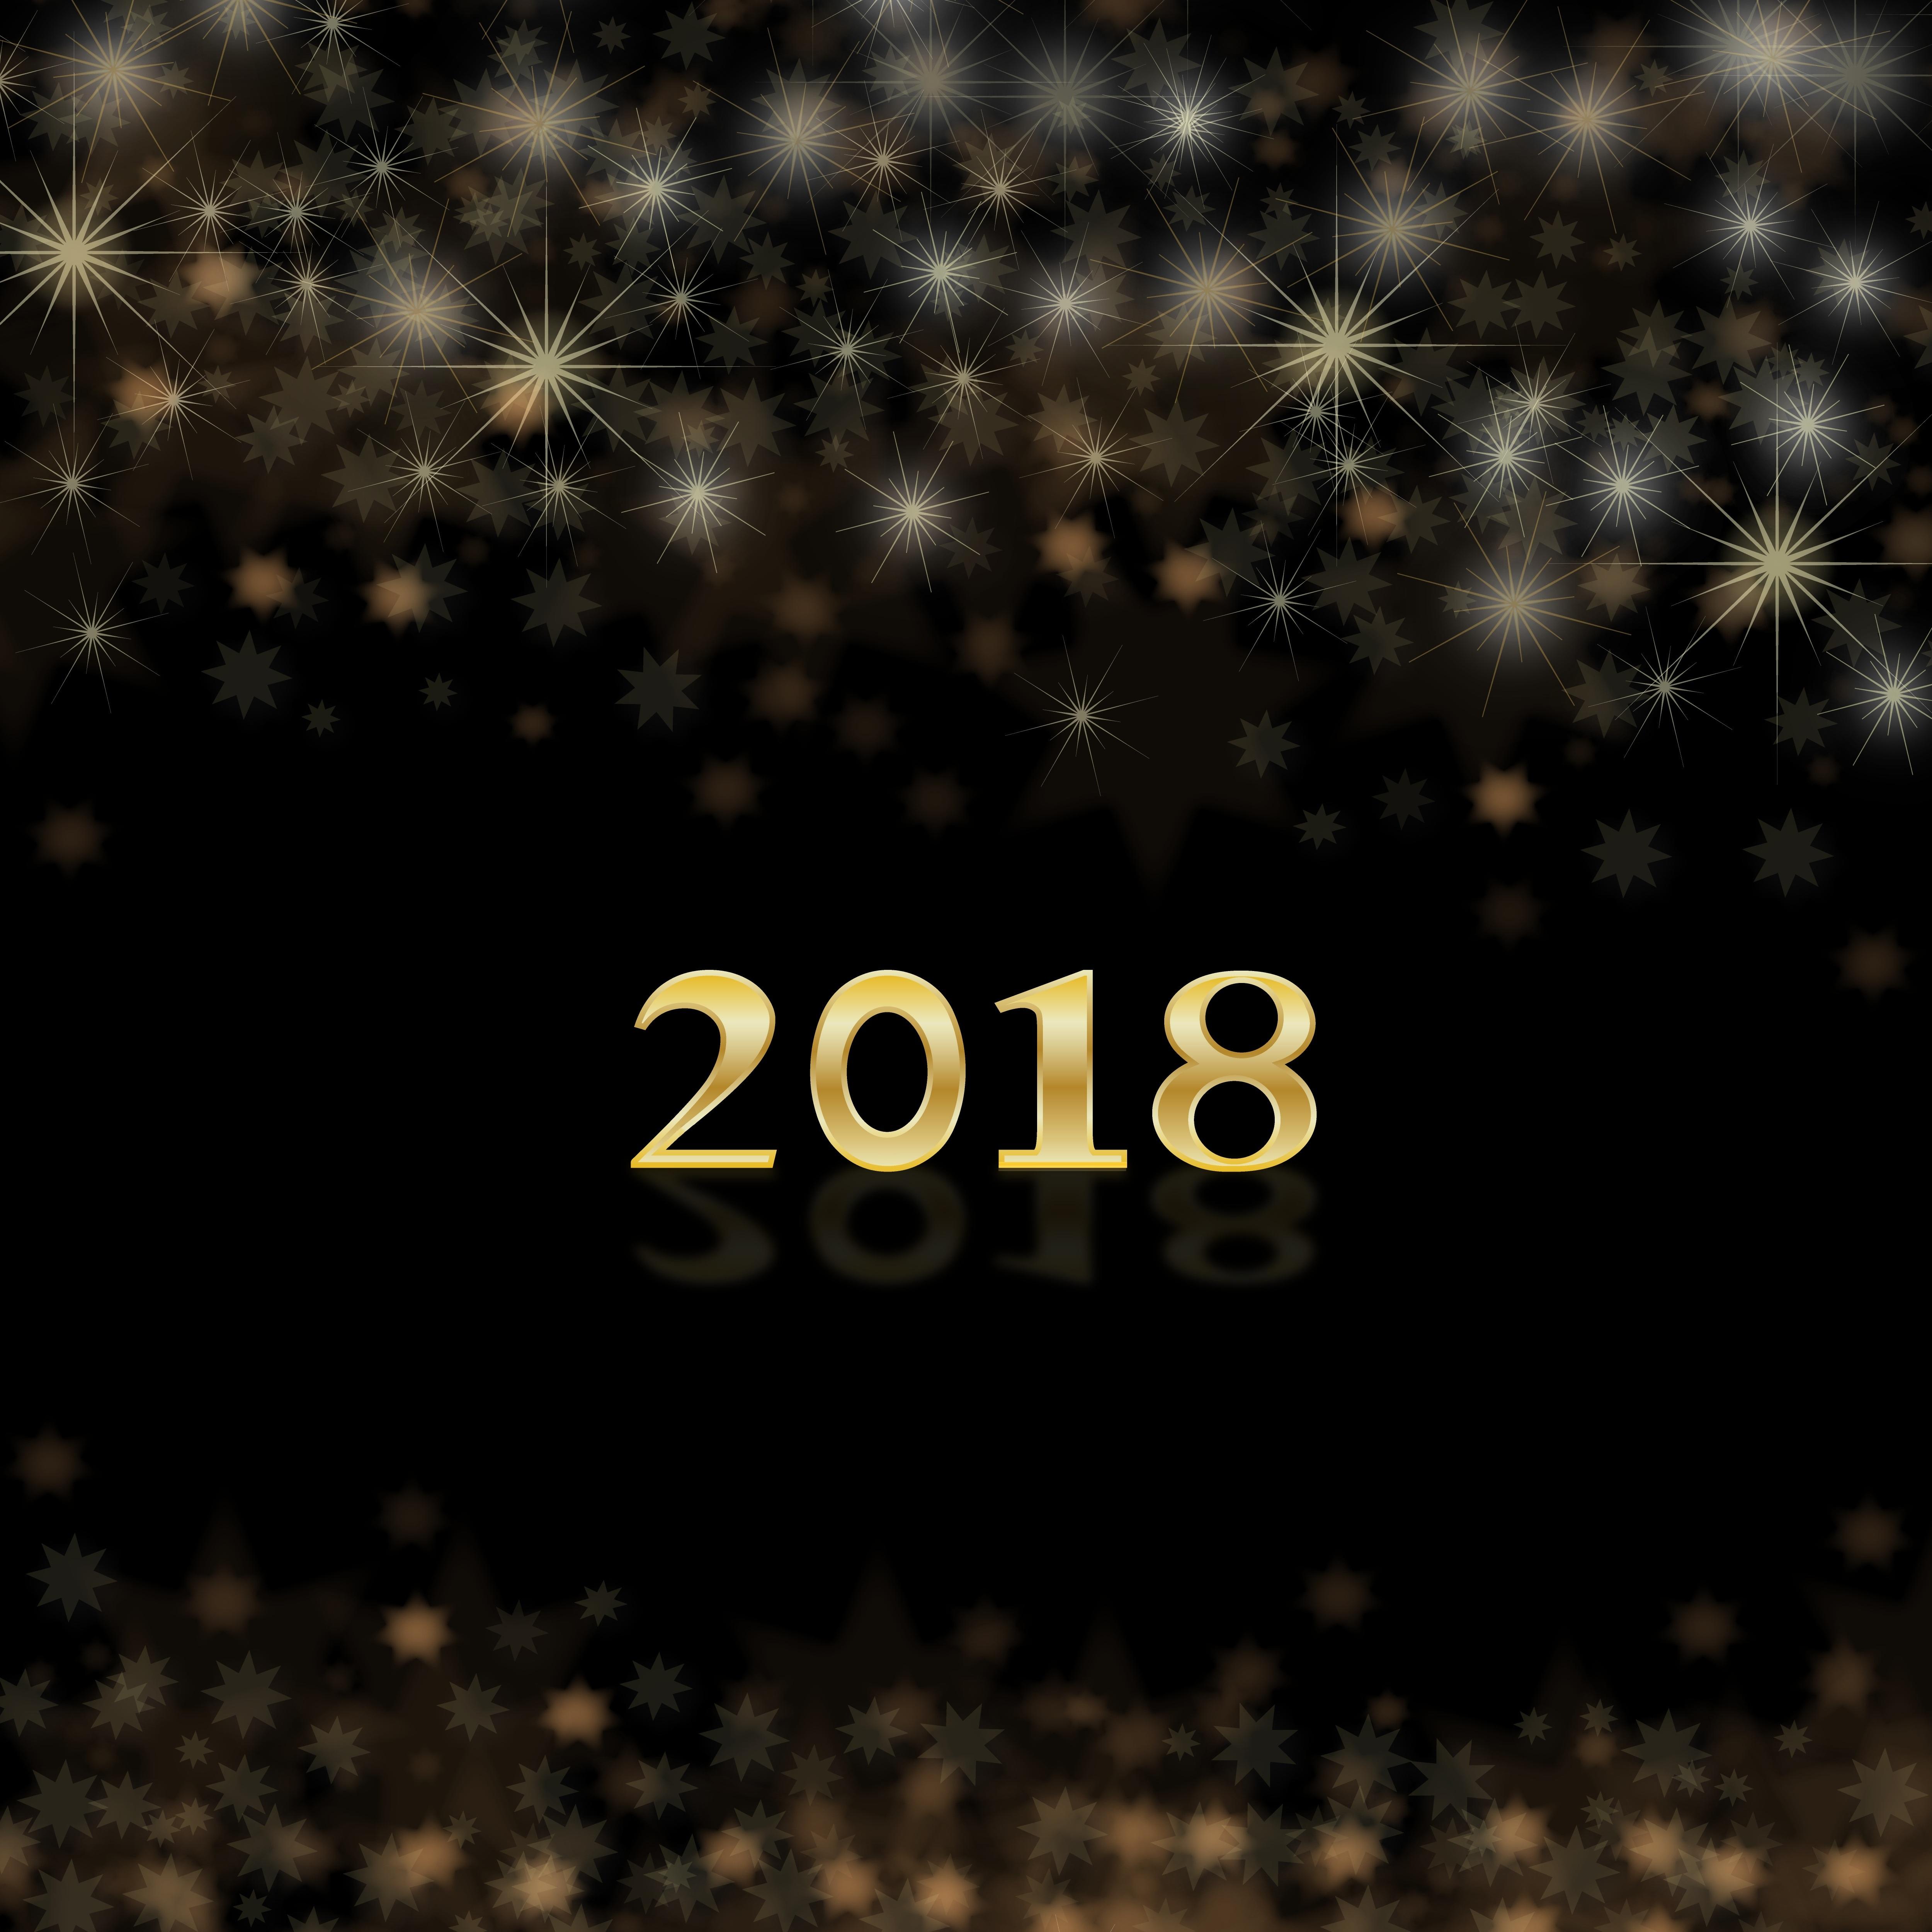 55157壁紙のダウンロード祝日, 新年, 2018年, 2018, 輝く, 輝き, 数字, 番号-スクリーンセーバーと写真を無料で